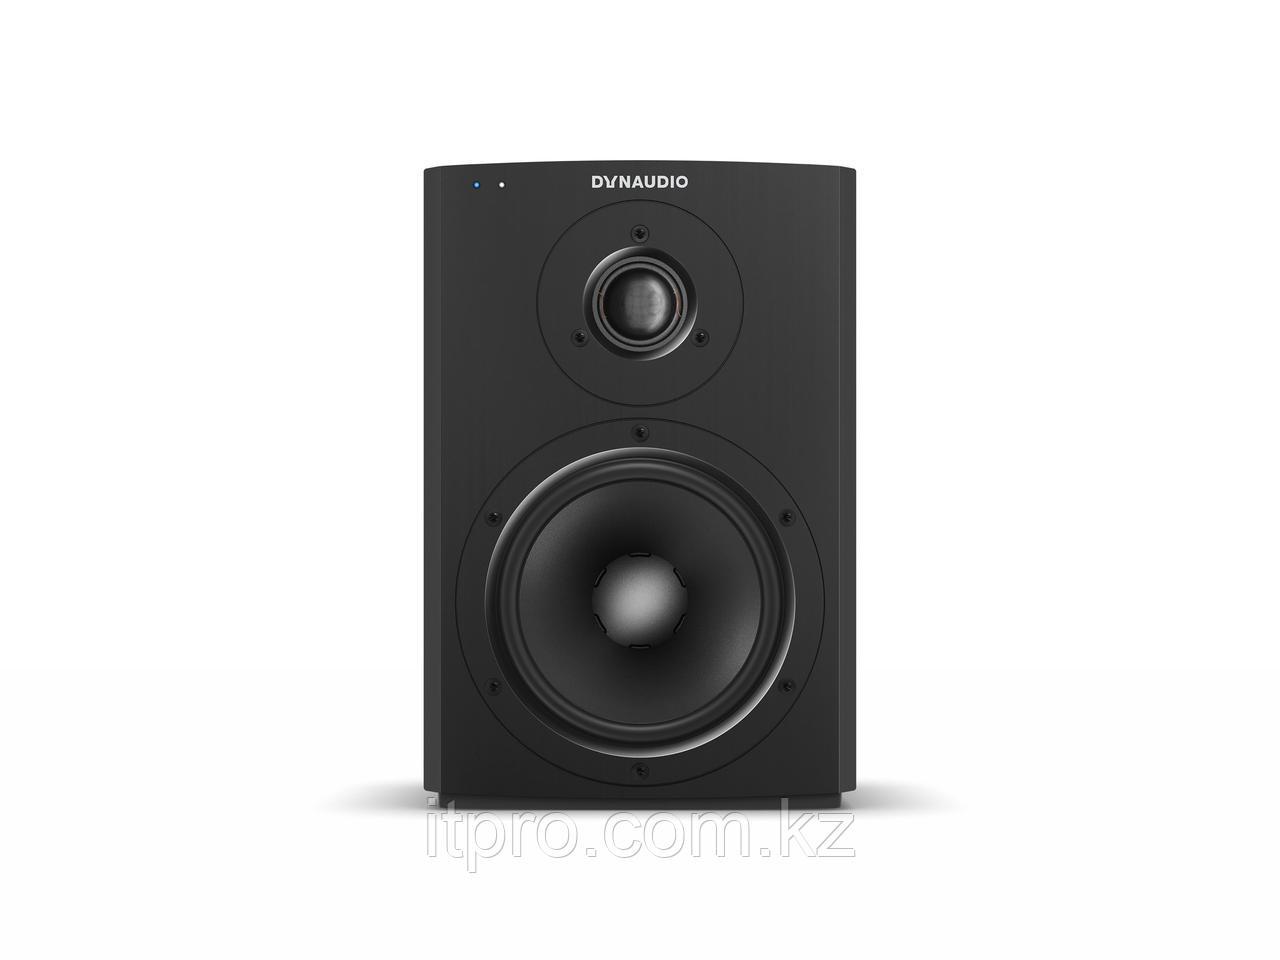 Беспроводная акустическая система DYNAUDIO Xeo 2